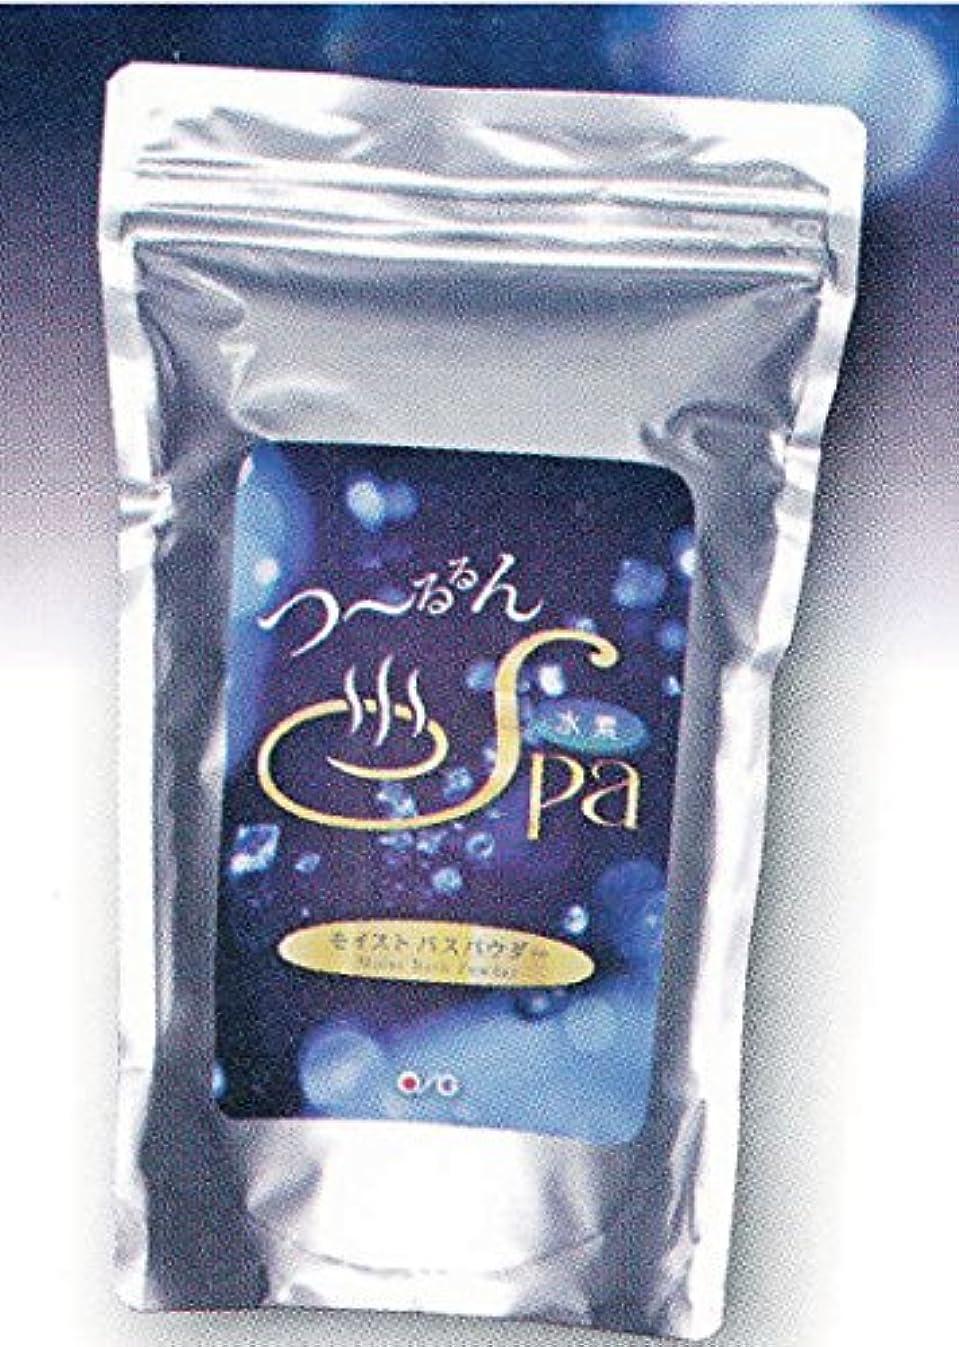 感謝するスタンドジョージスティーブンソンOSGコーポレーション つるるん水素スパ 10袋セット (1袋 1kg(30回分)) うるおい お風呂 美容 水素水